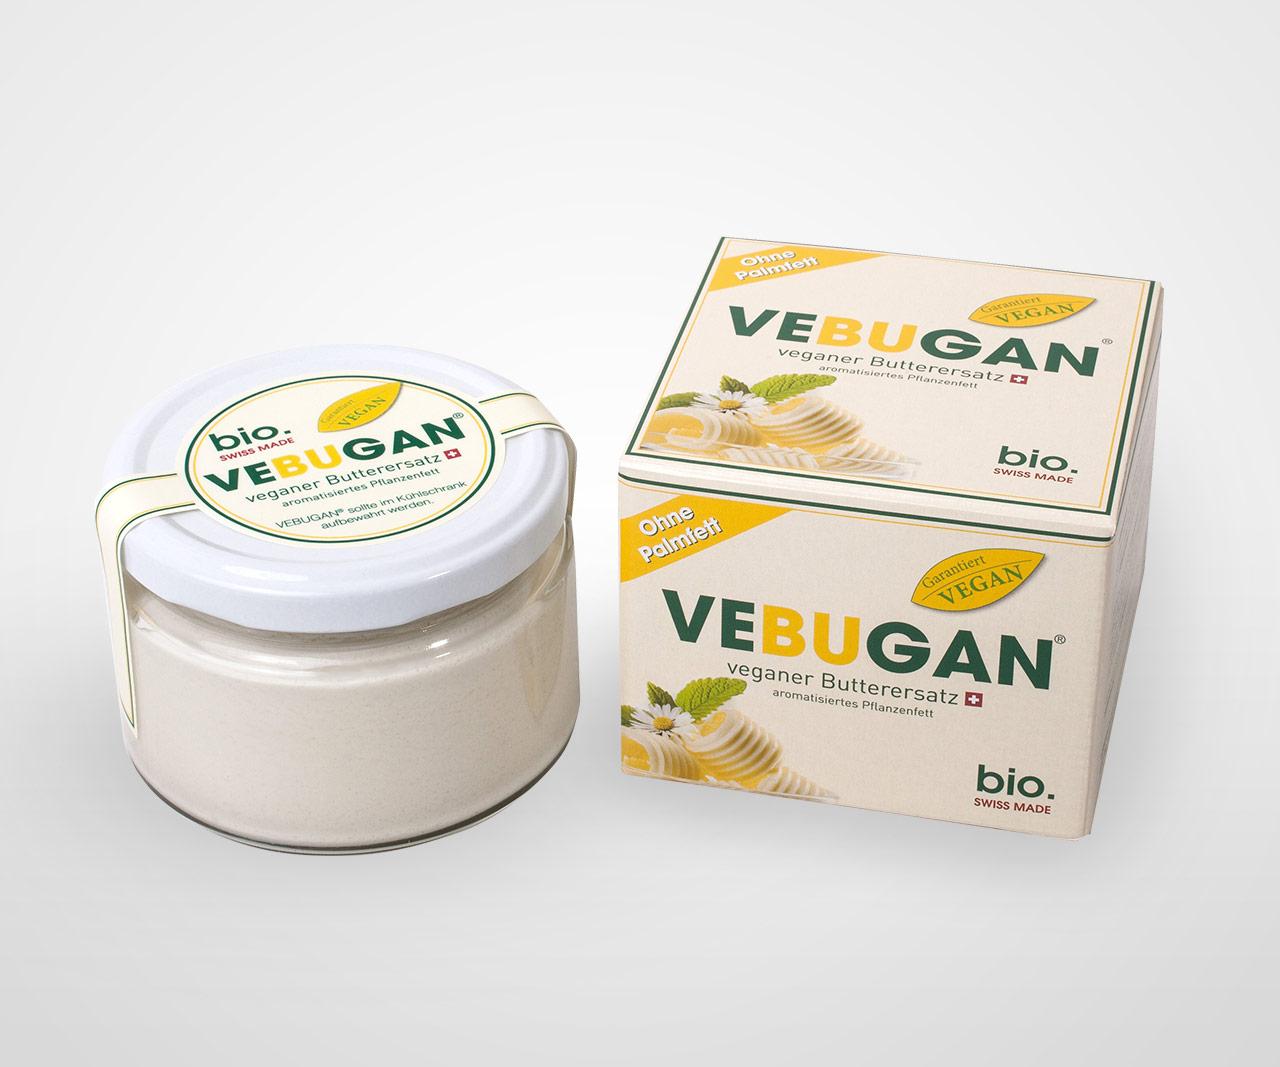 Vebugan – vegane Butter